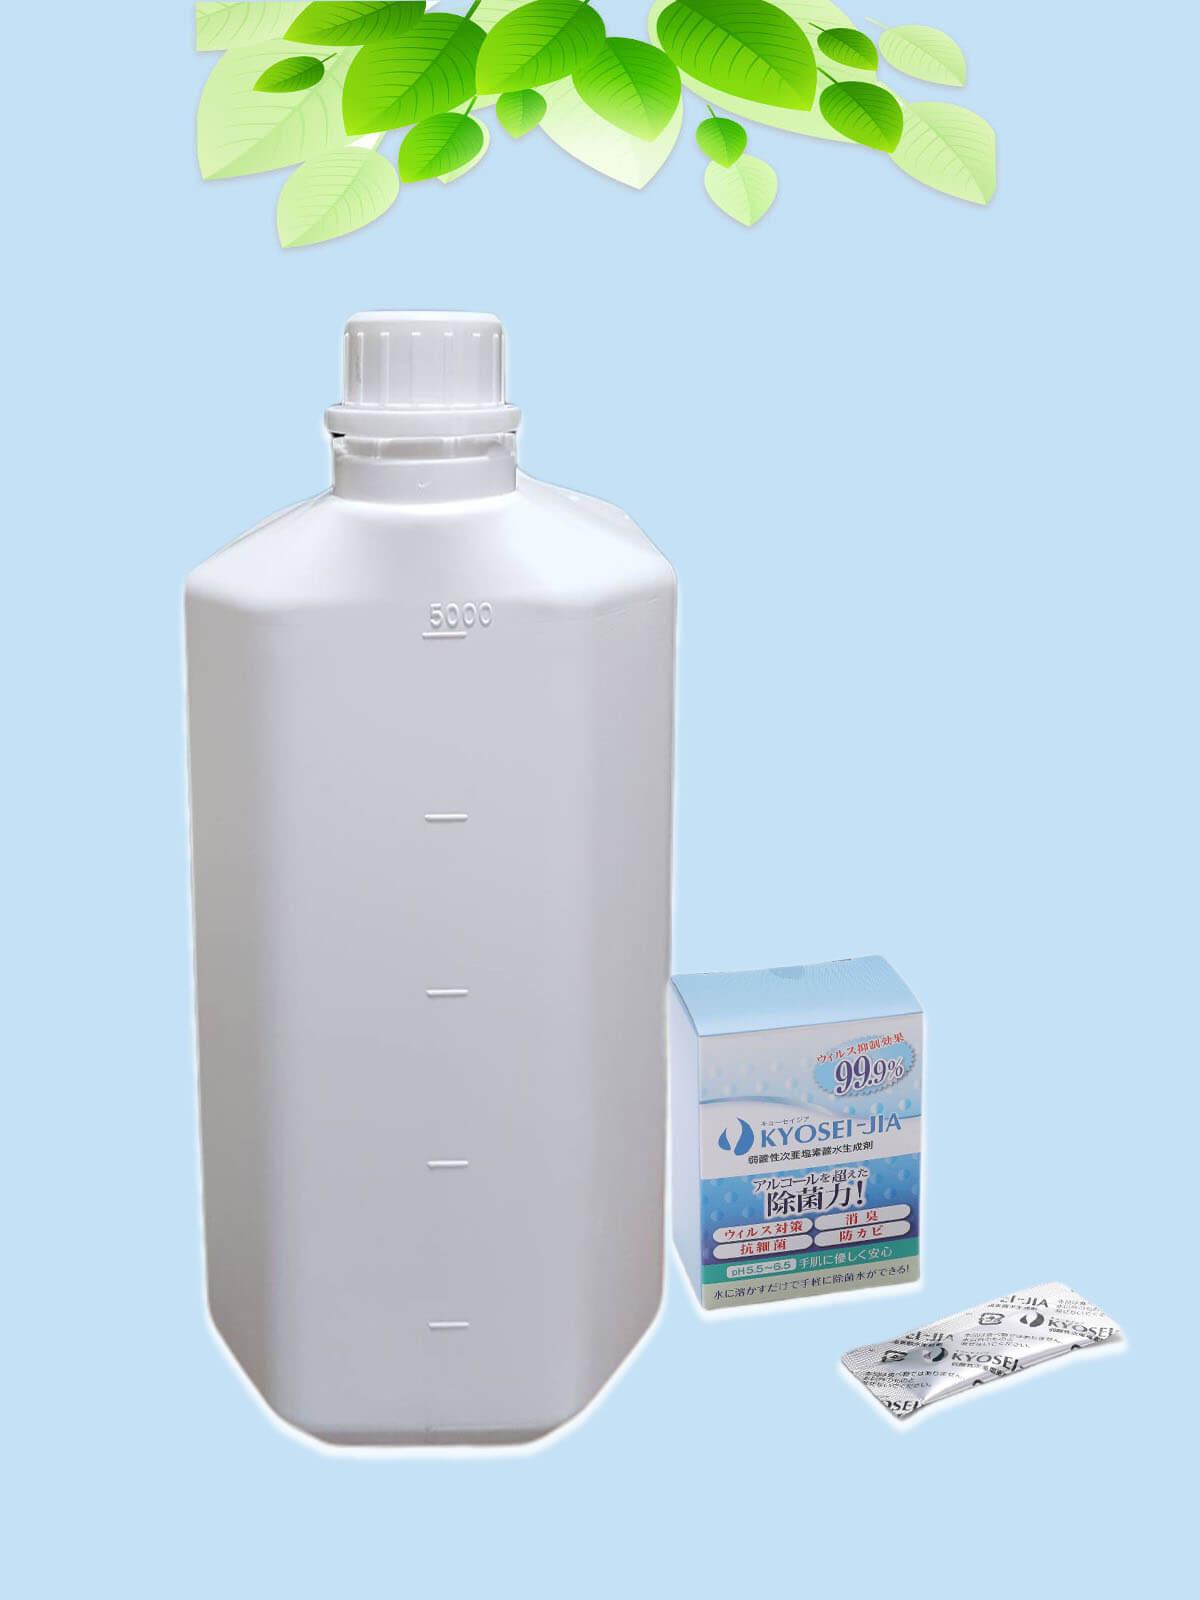 日本製KYOSEI-JIA微酸性次氯酸水生成劑1盒+5000ml容器